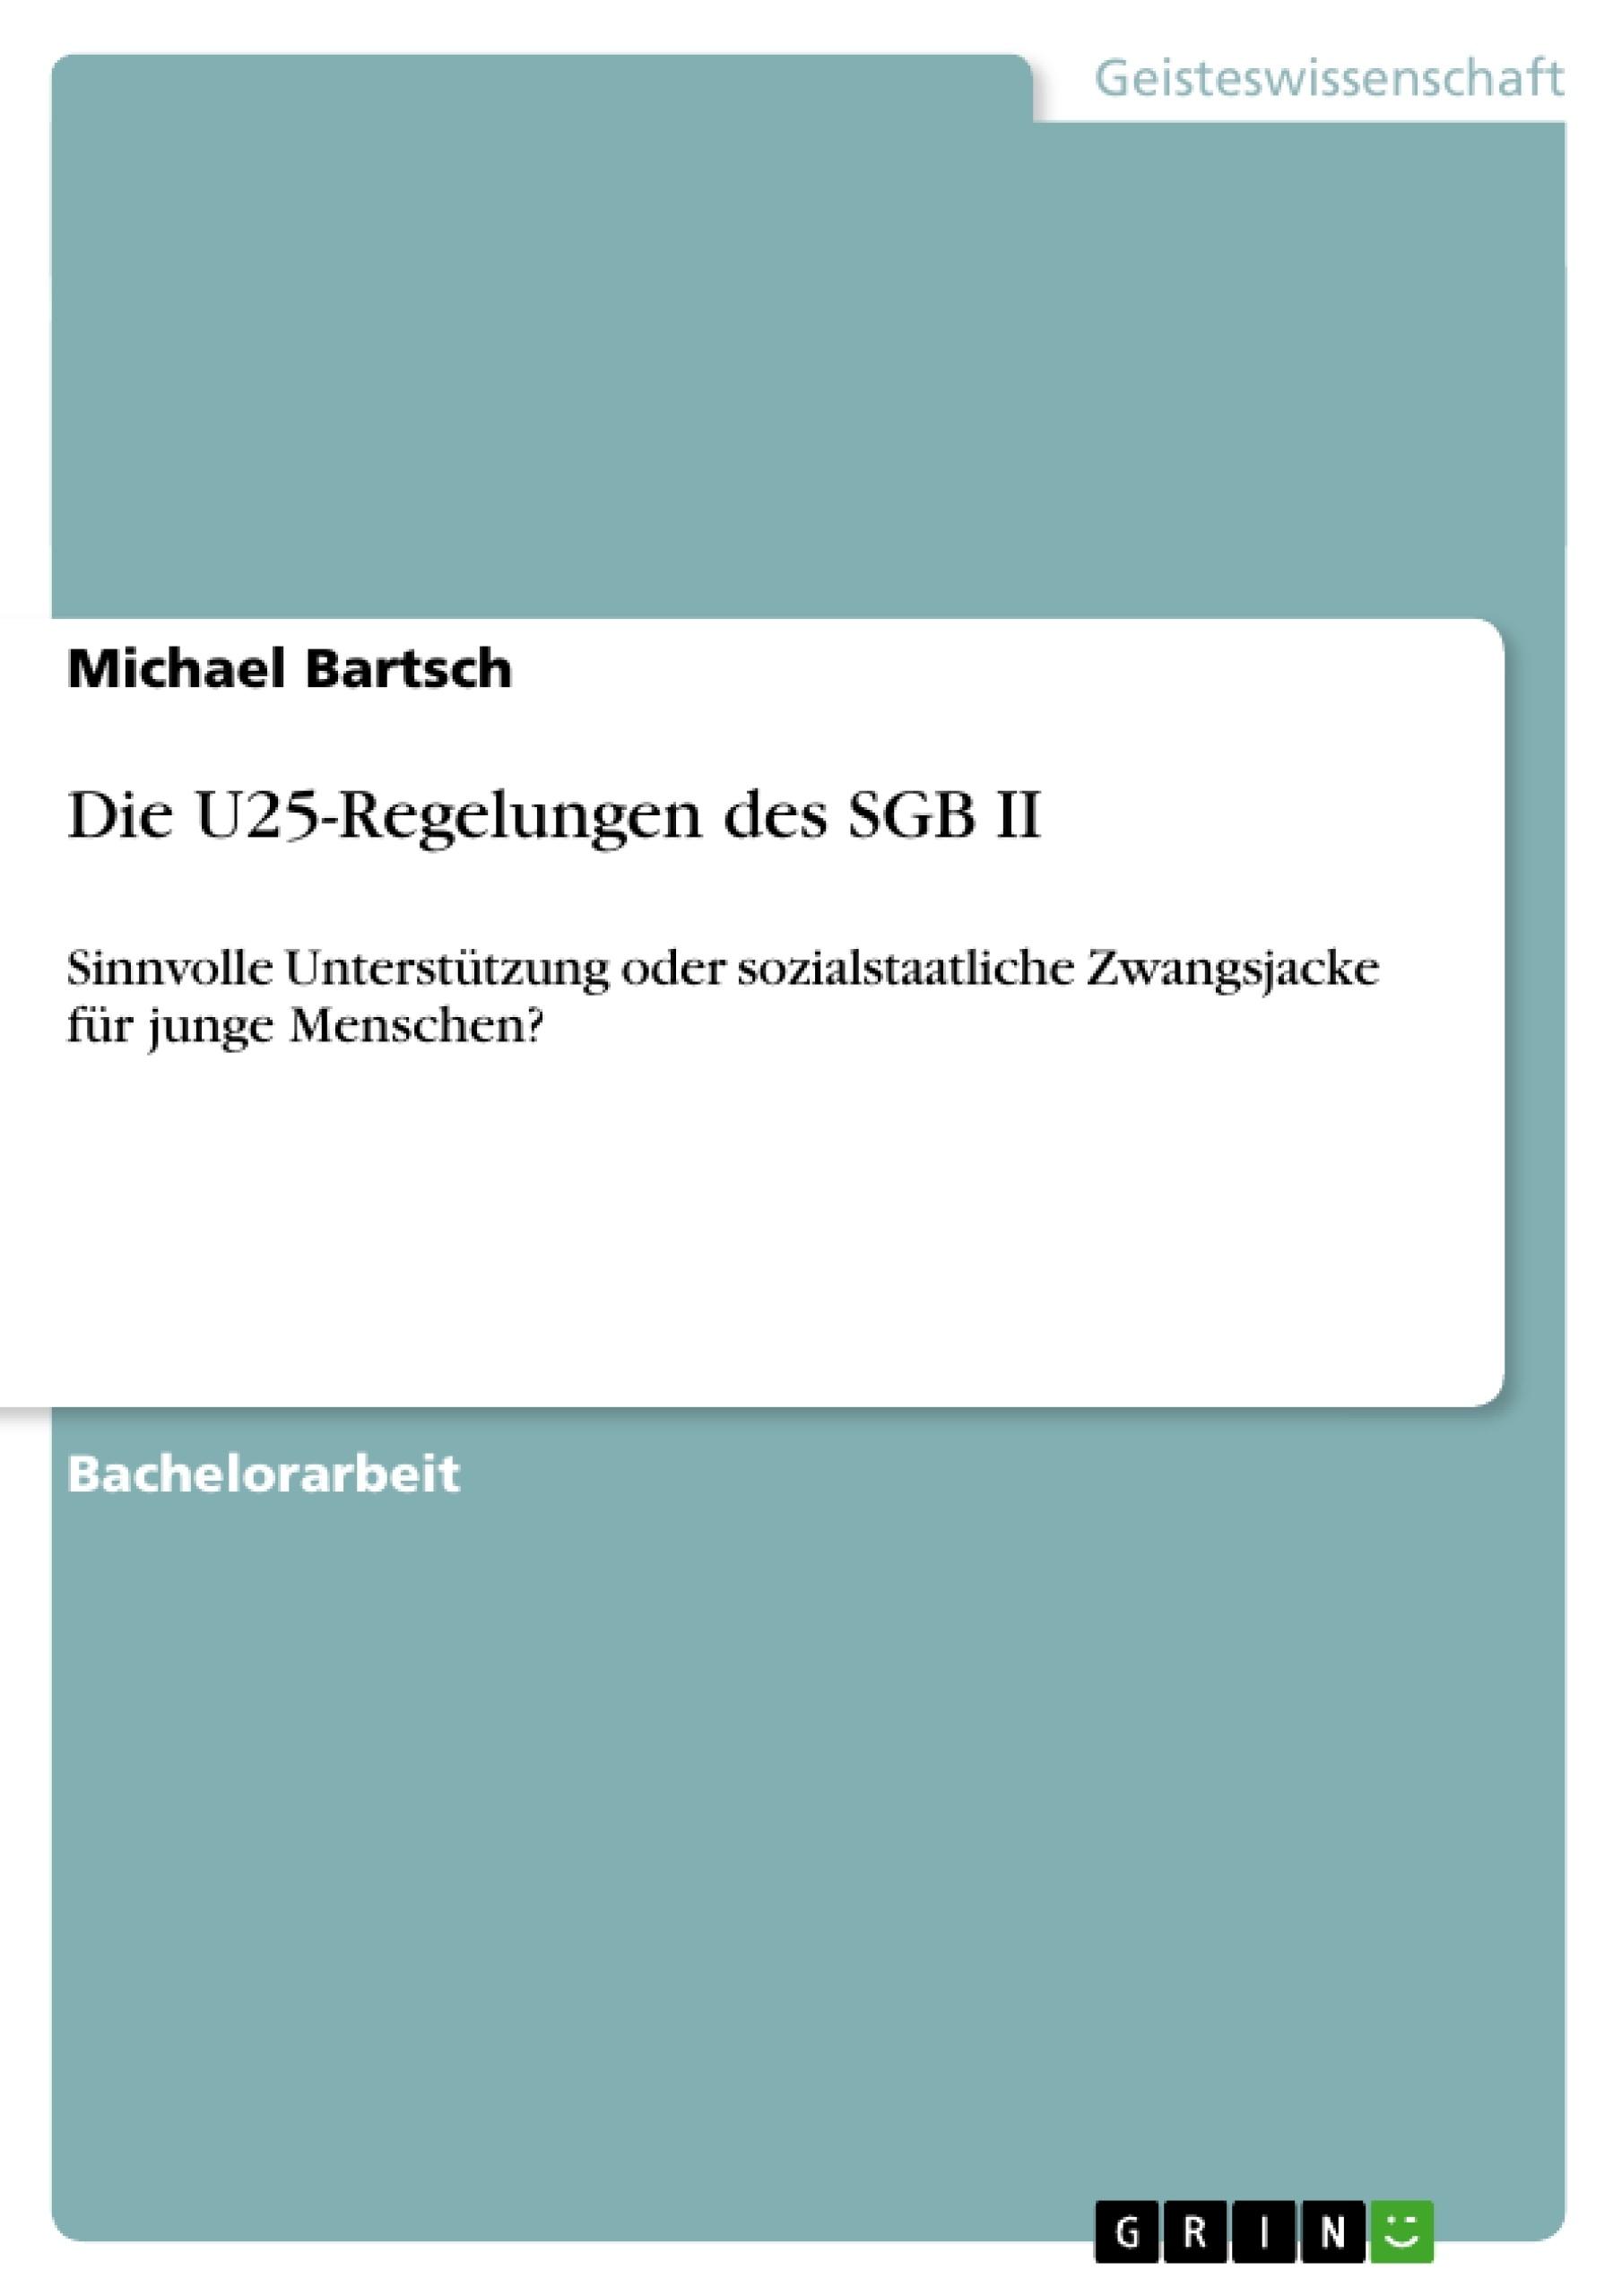 Titel: Die U25-Regelungen des SGB II